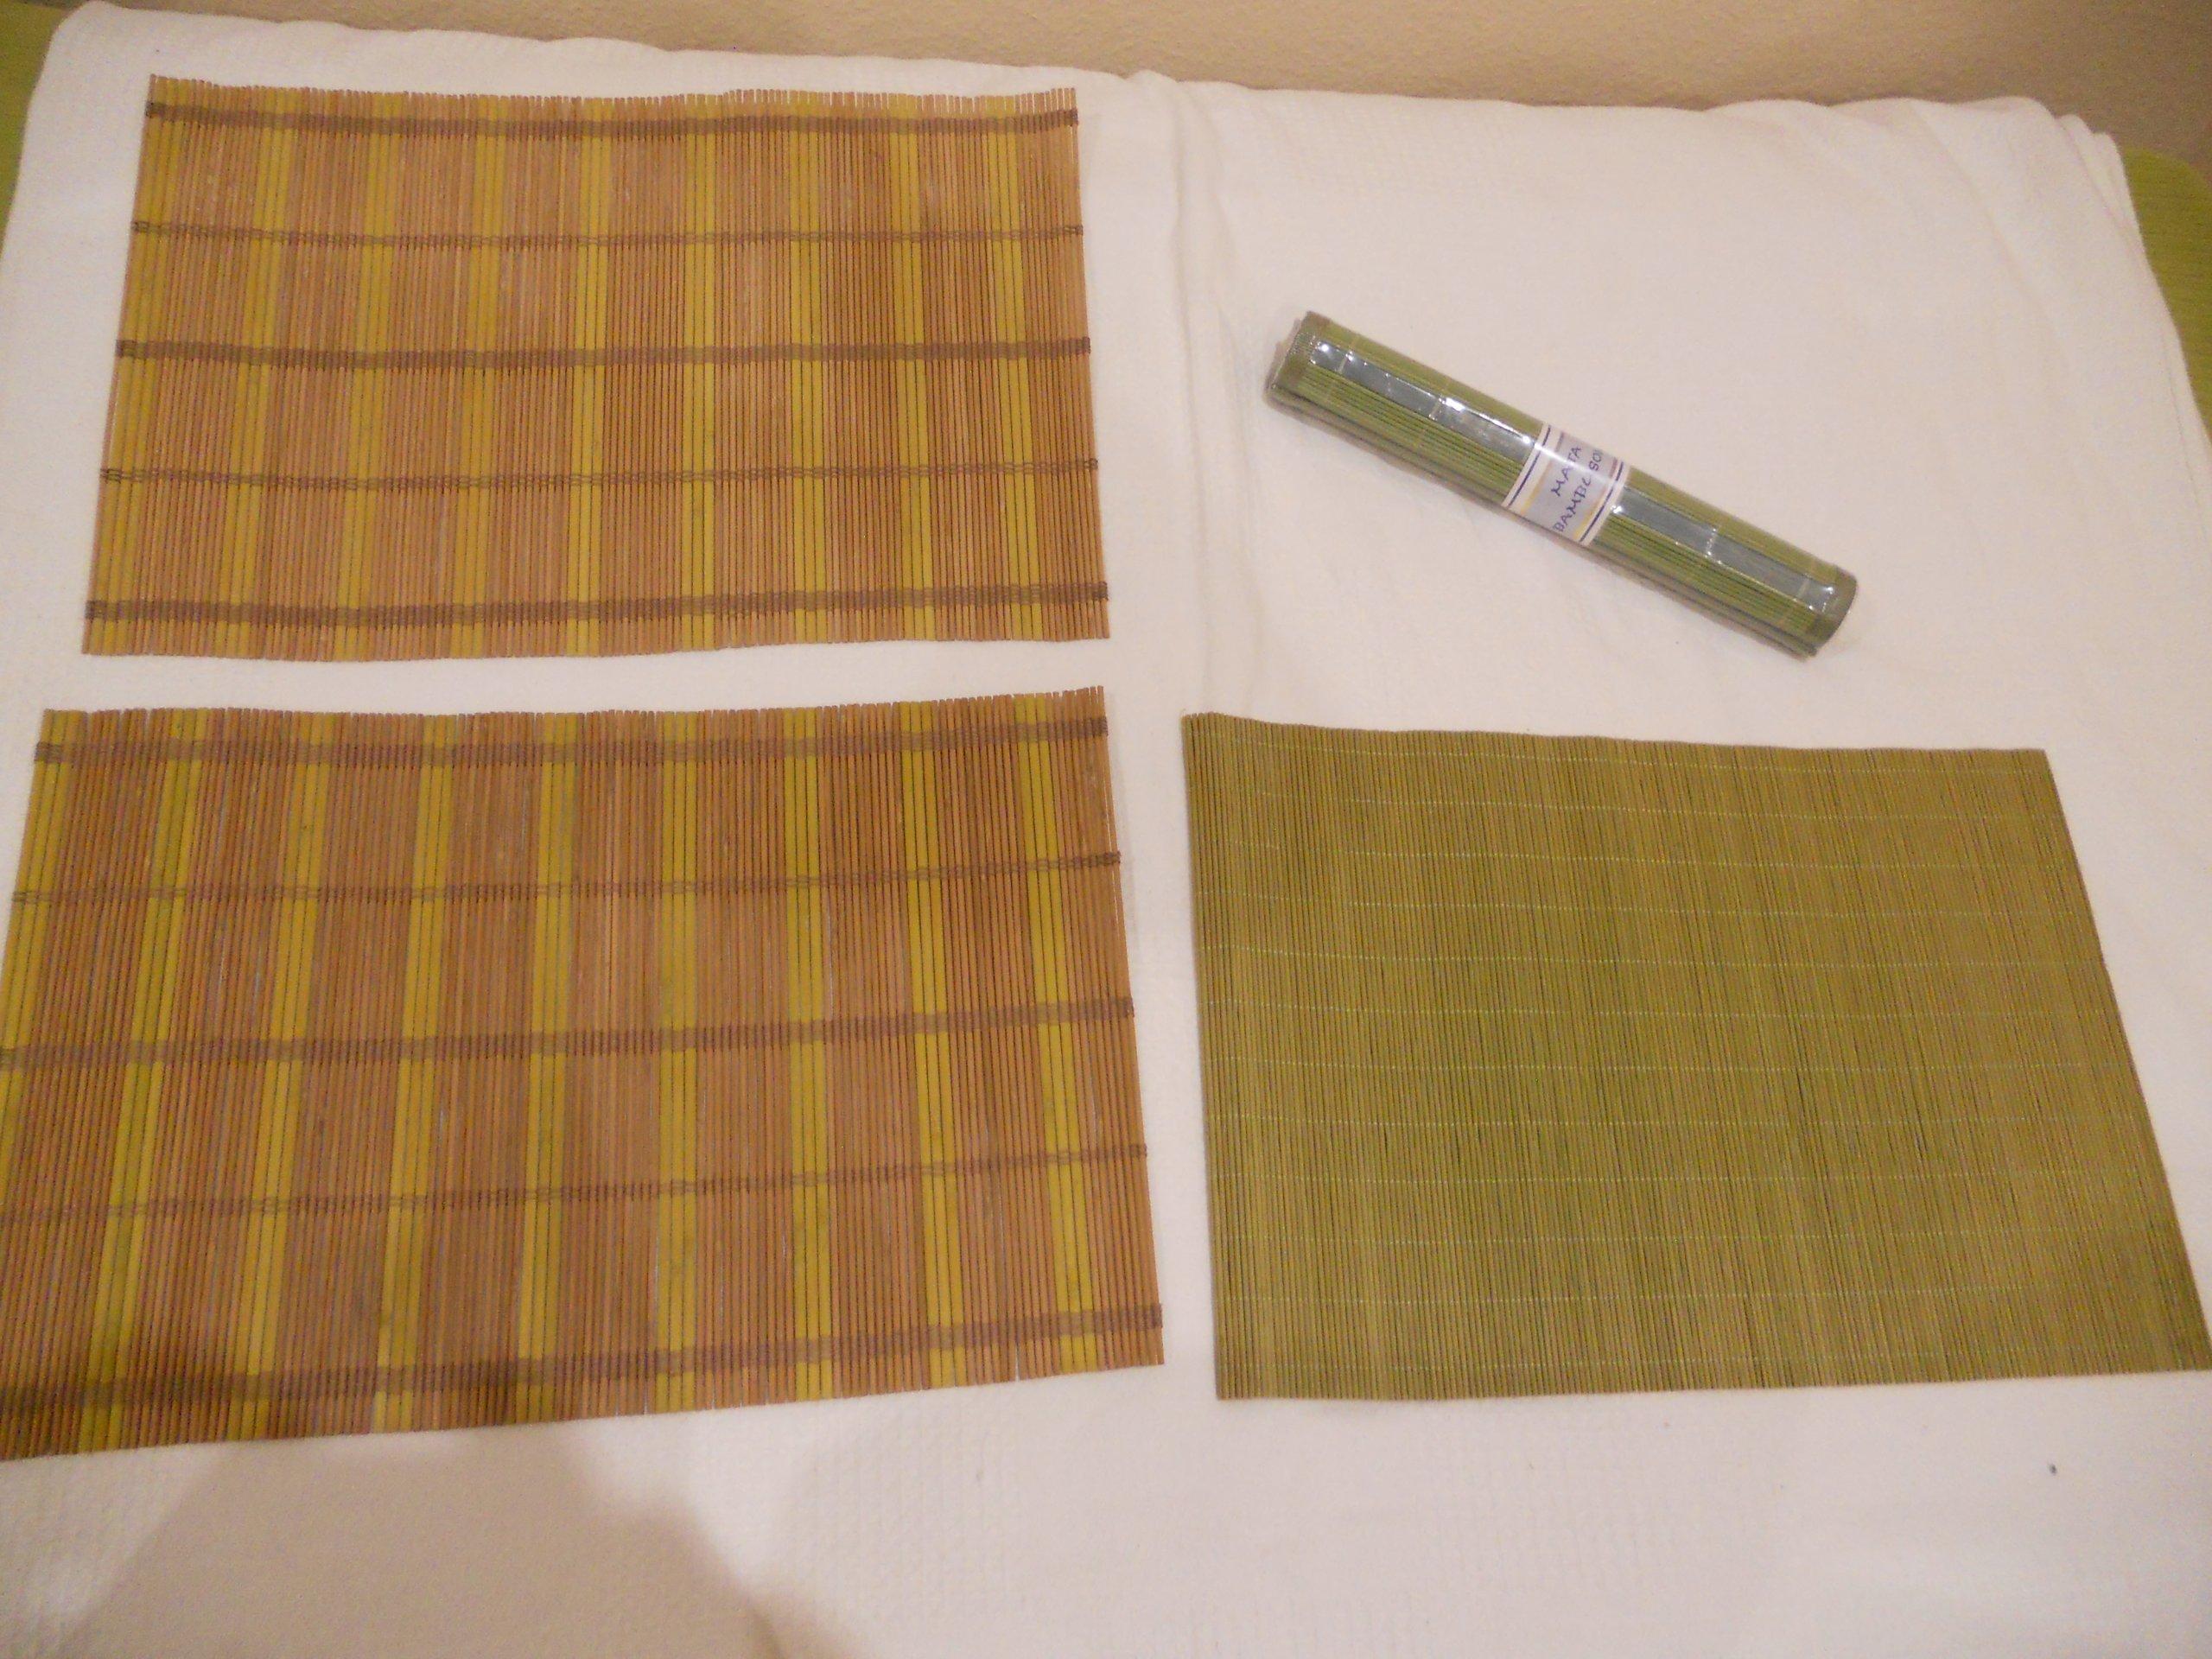 Maty bambusowe (podkładki -30x45 cm) 4 szt